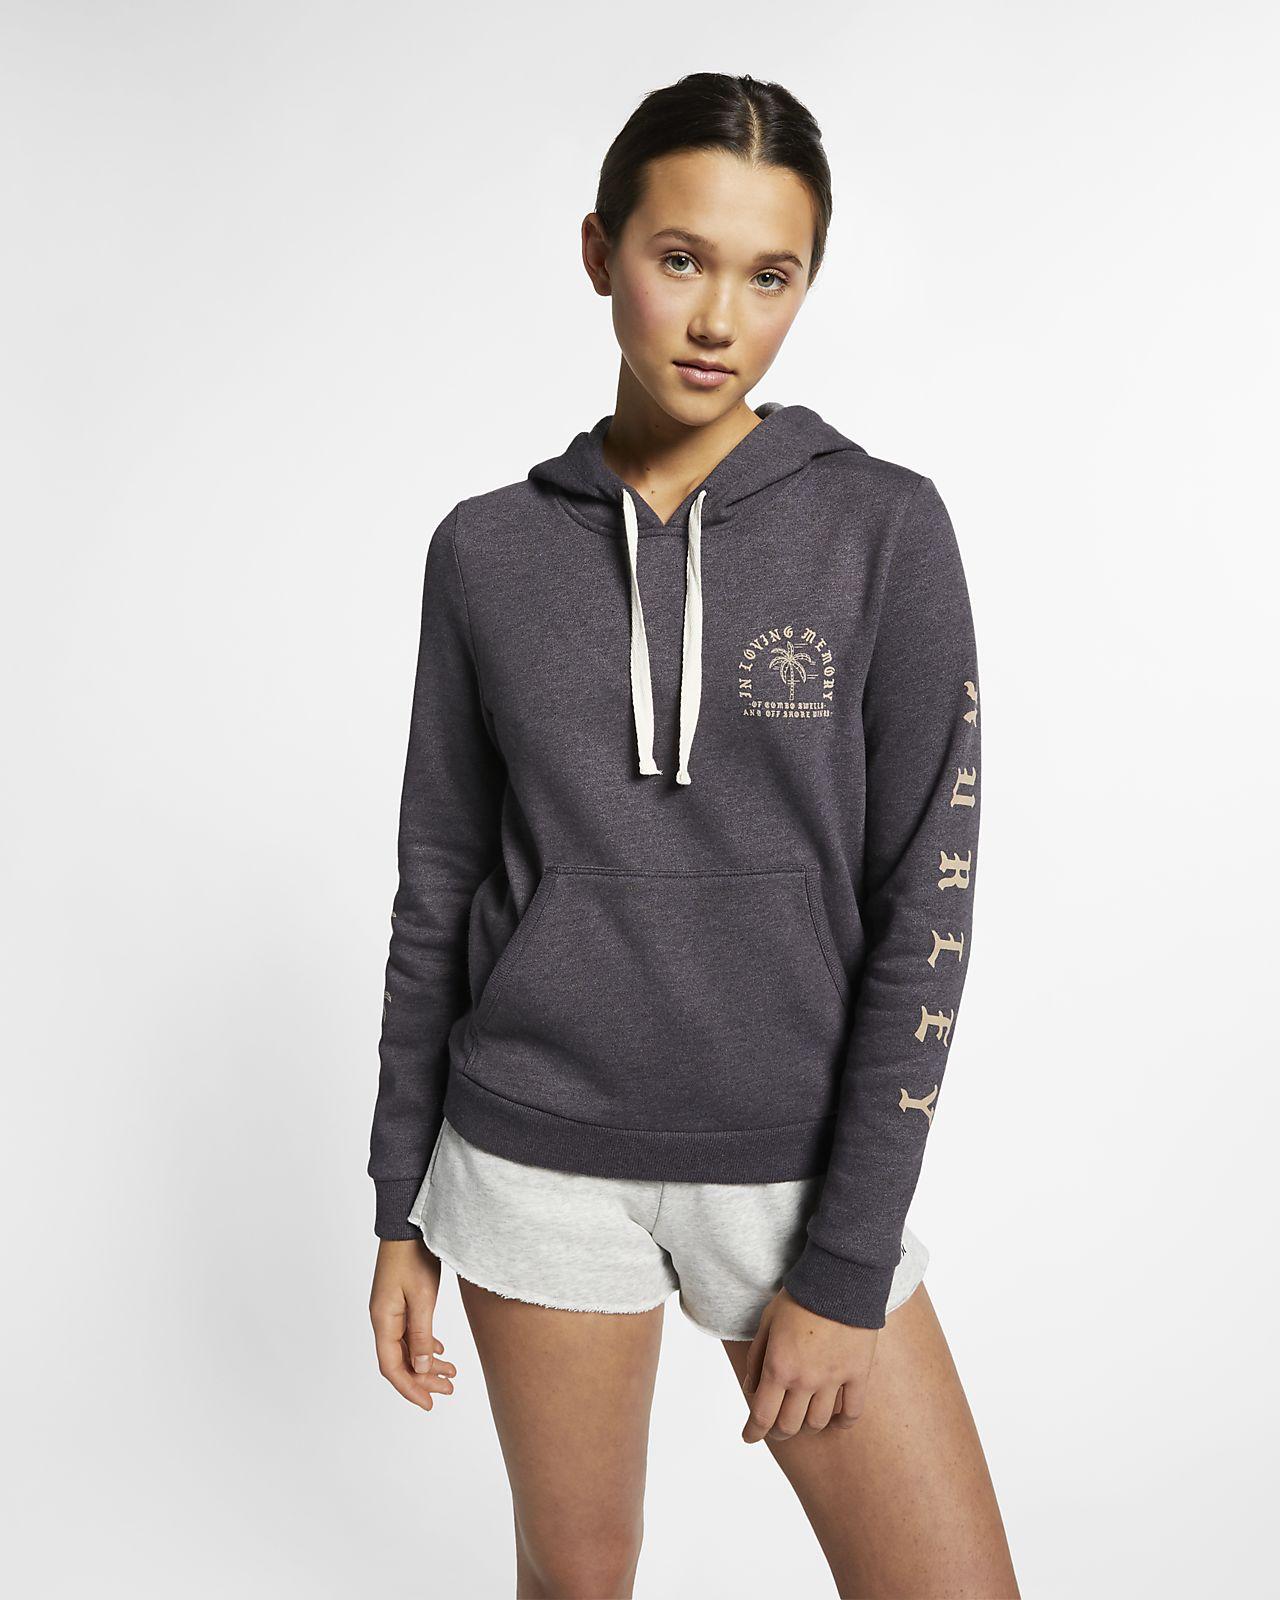 Hurley Combo Swells Women's Fleece Pullover Hoodie